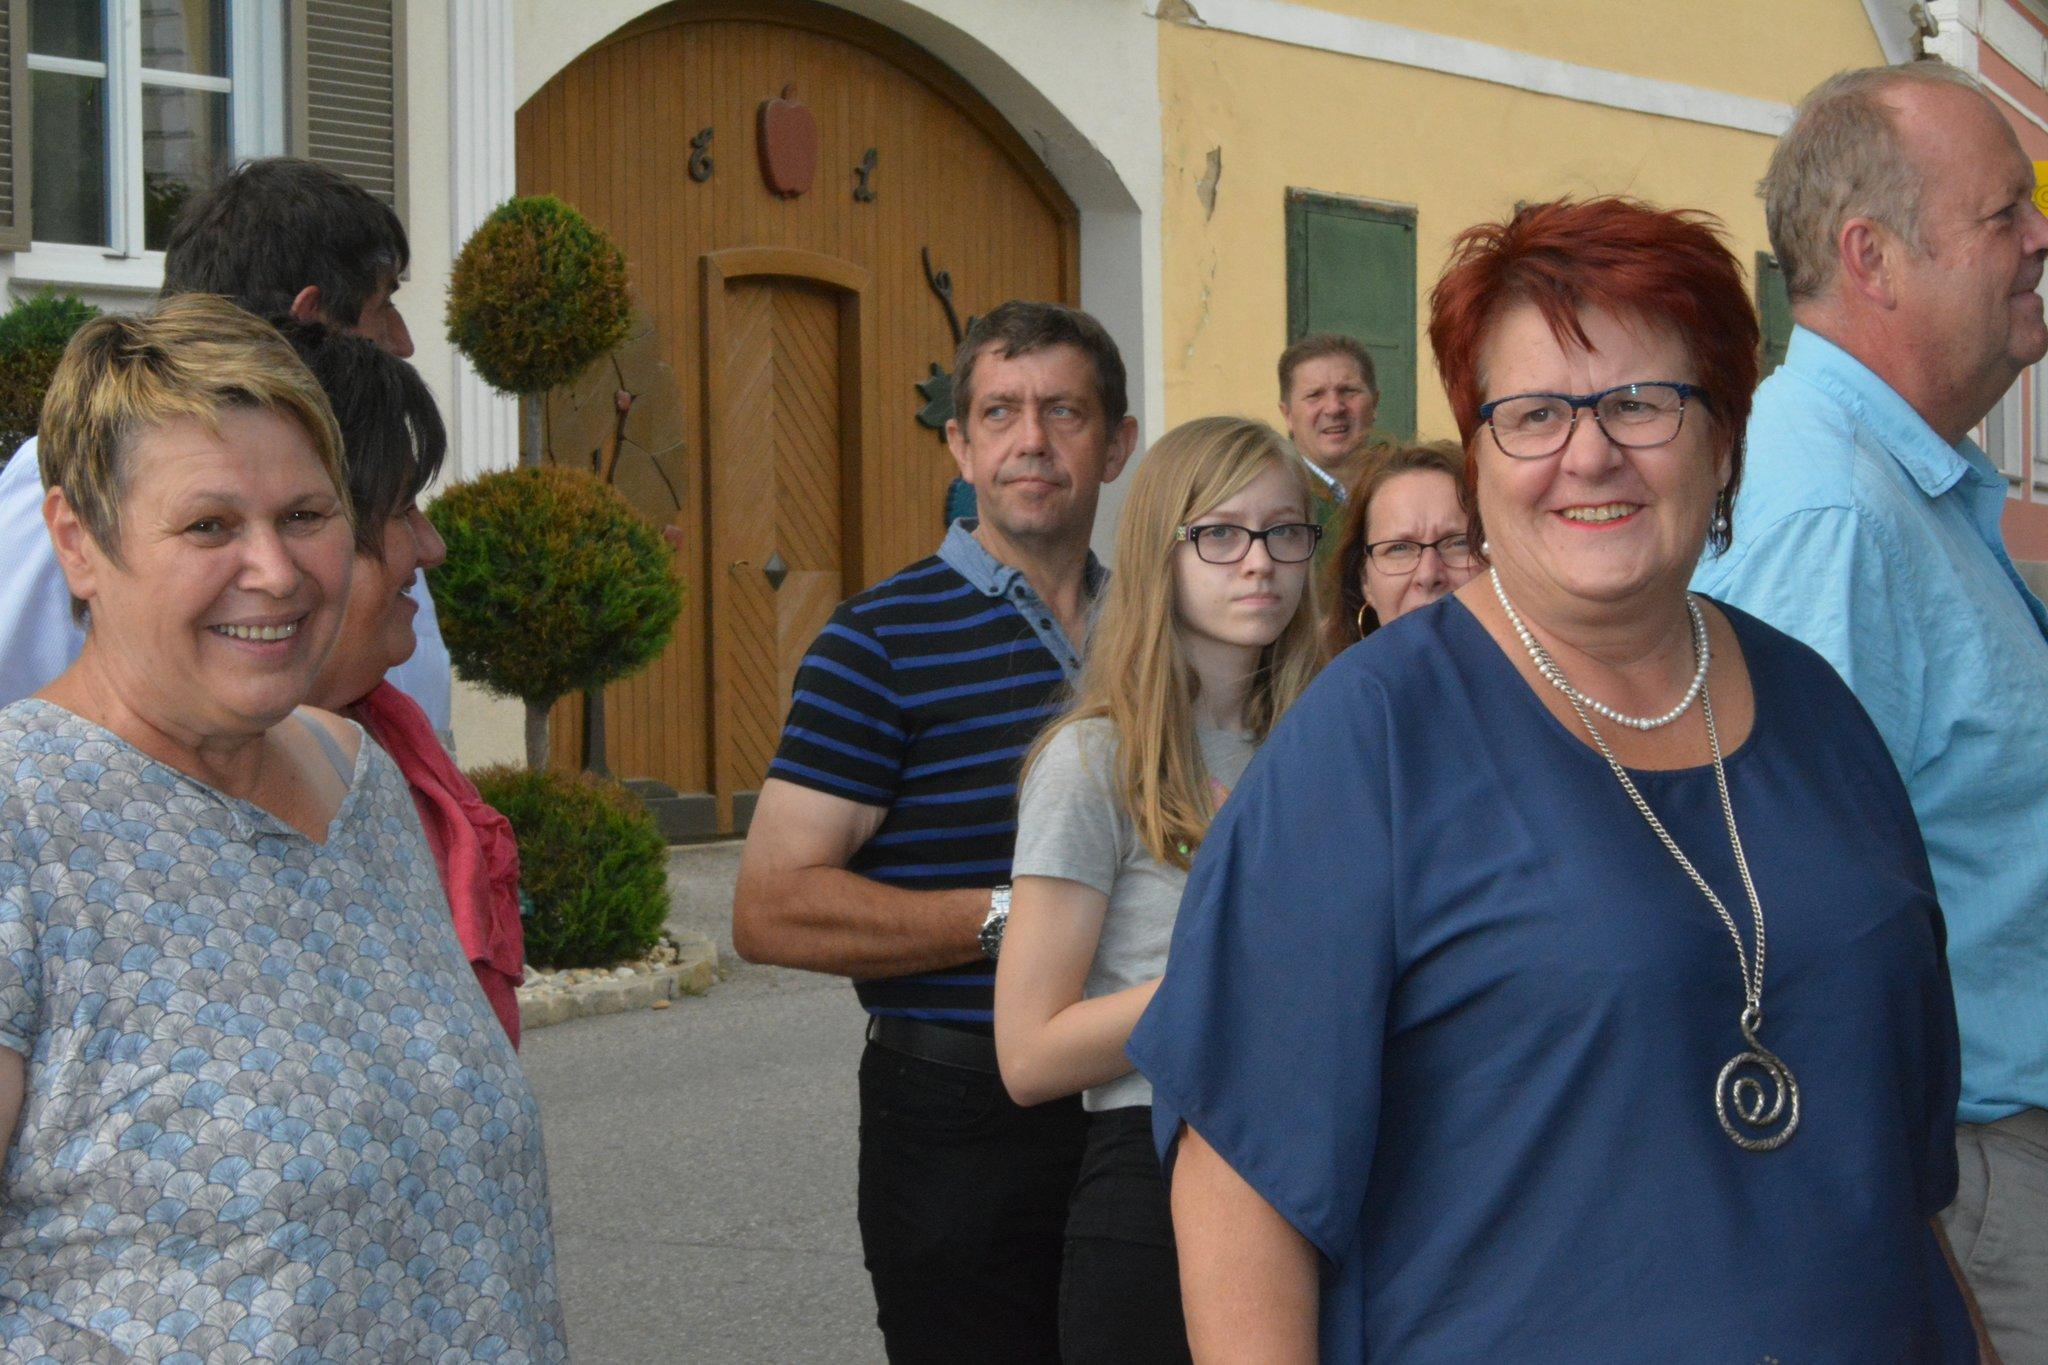 Brgermeisterinnen-Treffen in Puch bei Weiz - N